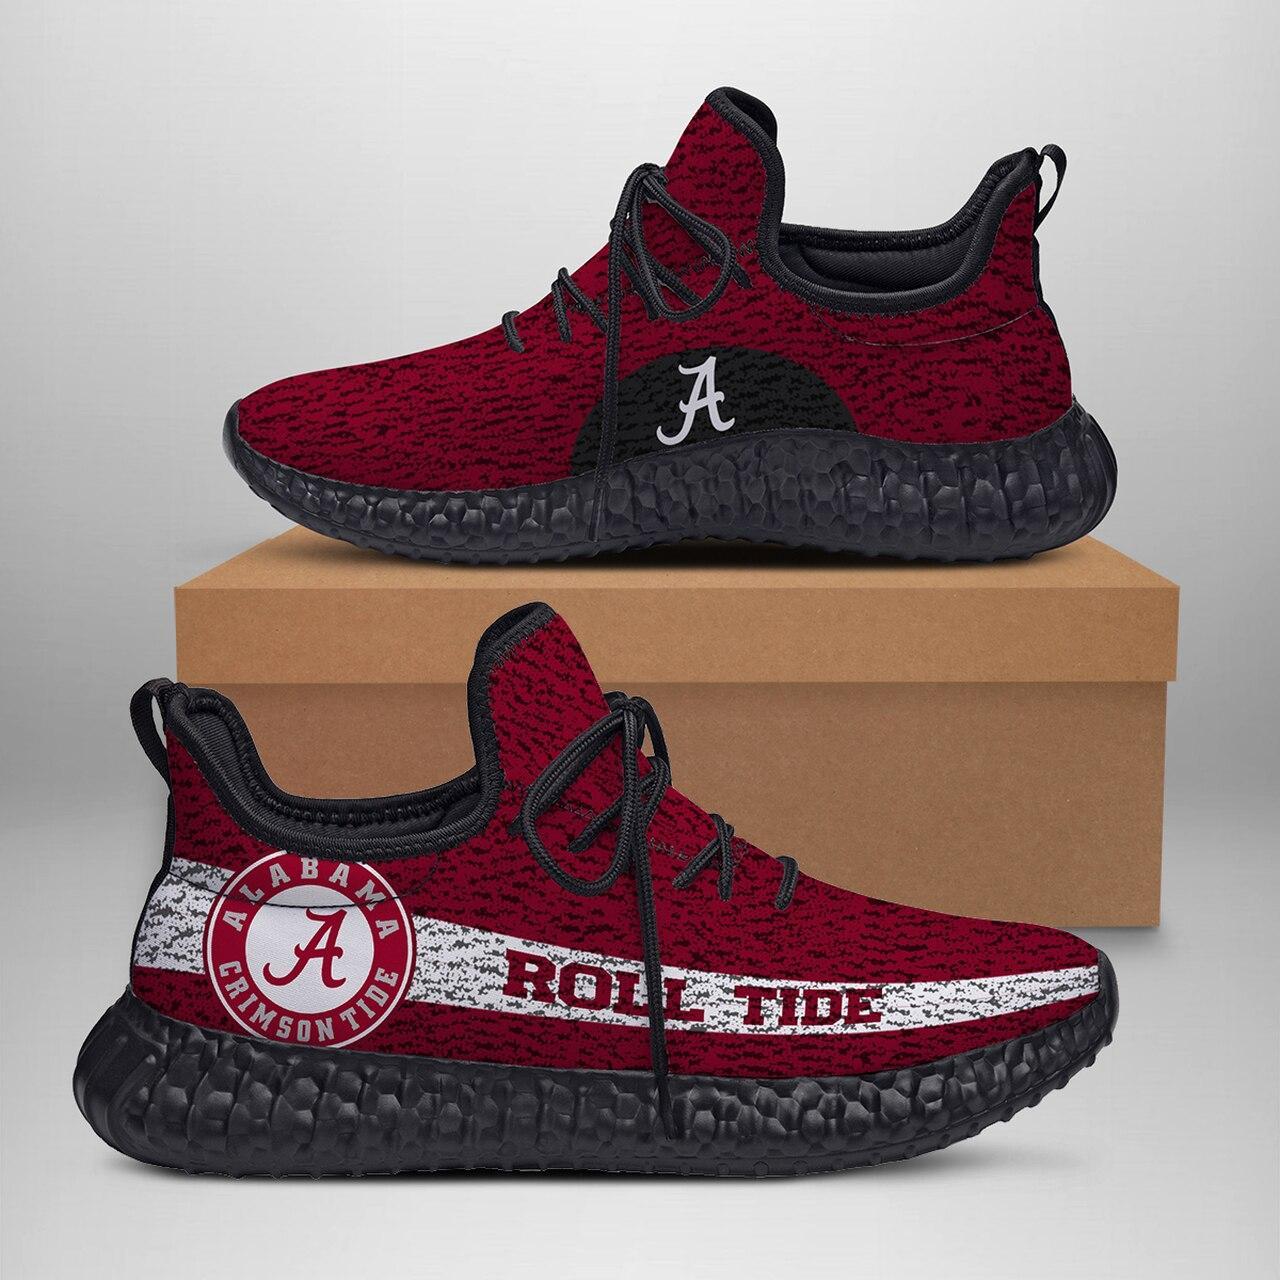 Alabama Crimson Tide Custom New Yeezy Sneaker Style Sneaker